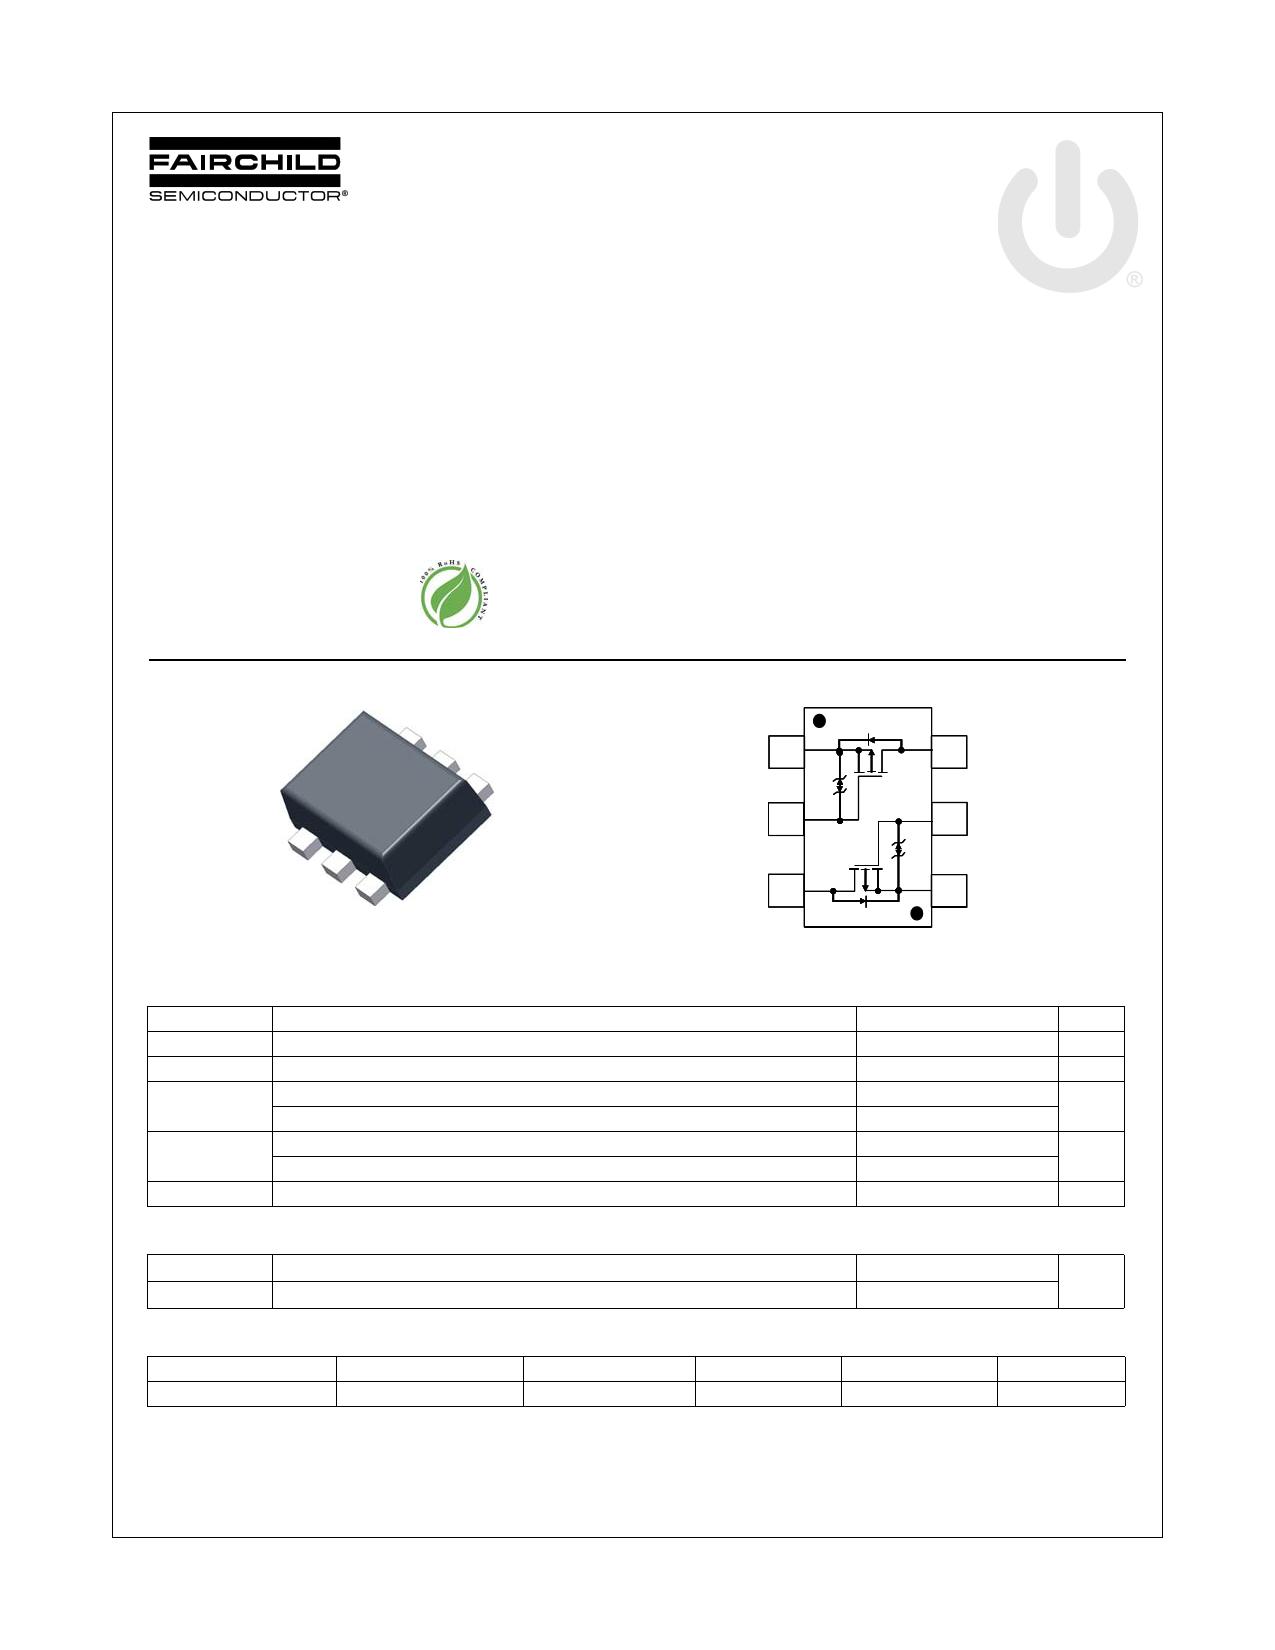 FDY1002PZ 데이터시트 및 FDY1002PZ PDF